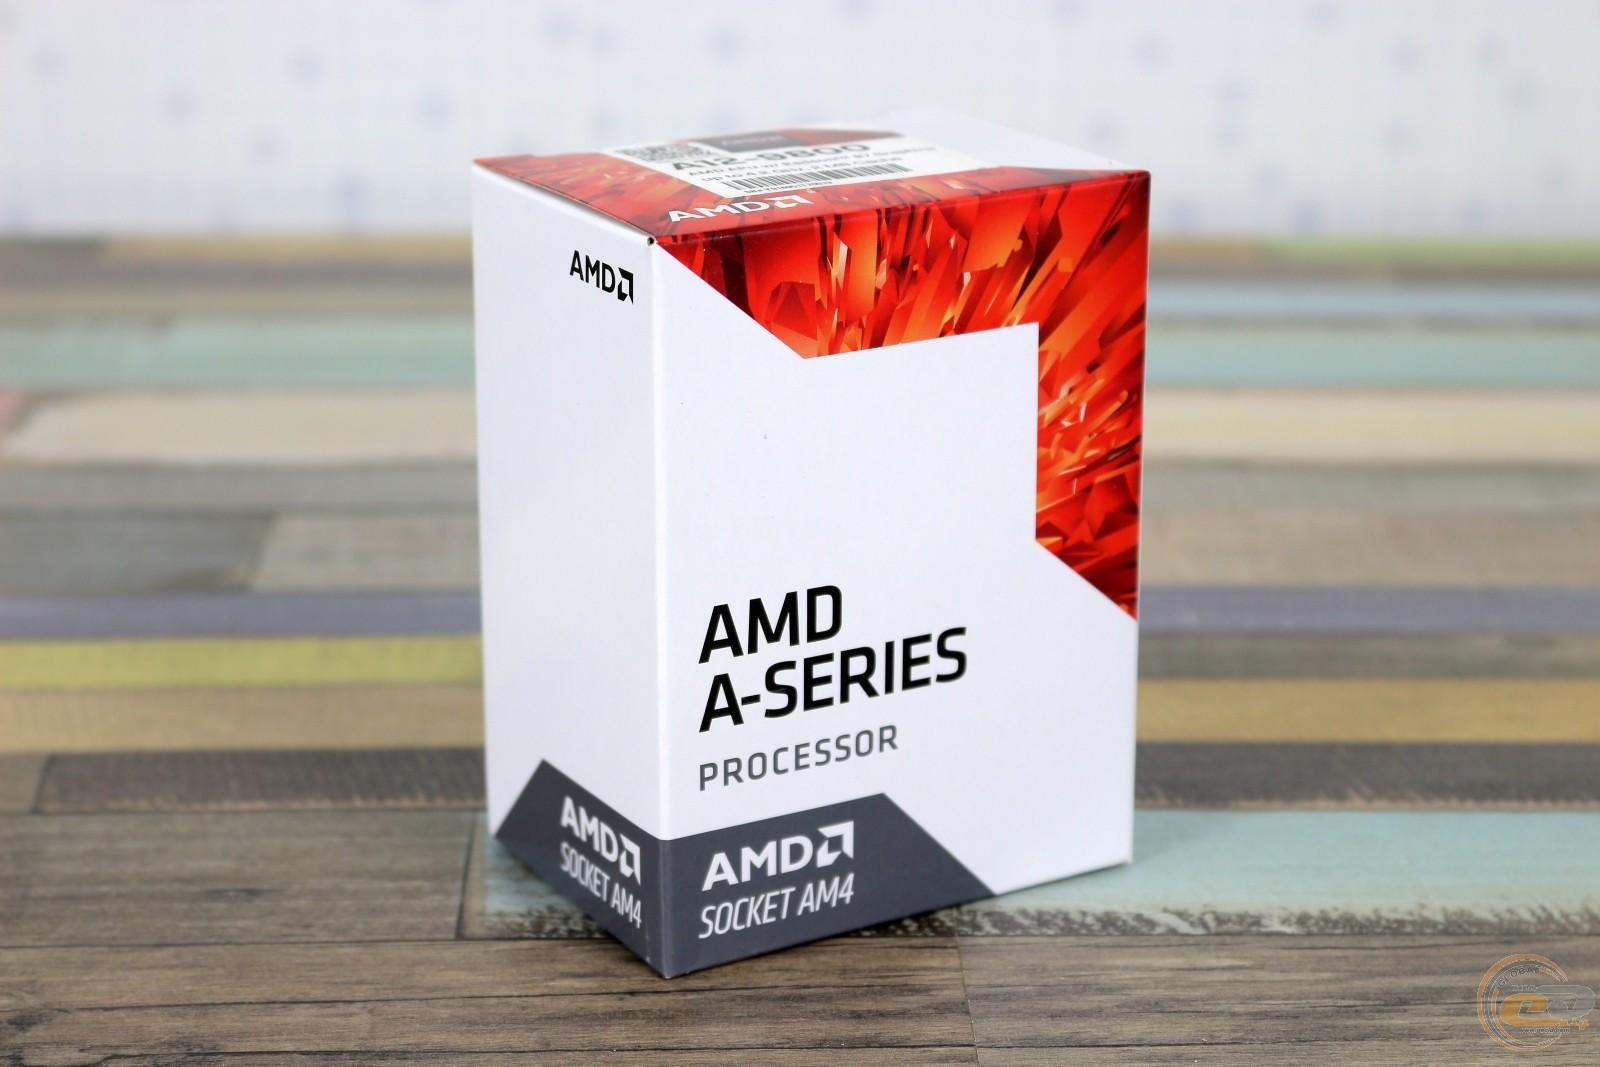 В продажу поступил новый 28-нм процессор AMD A6-9400 поколения ...